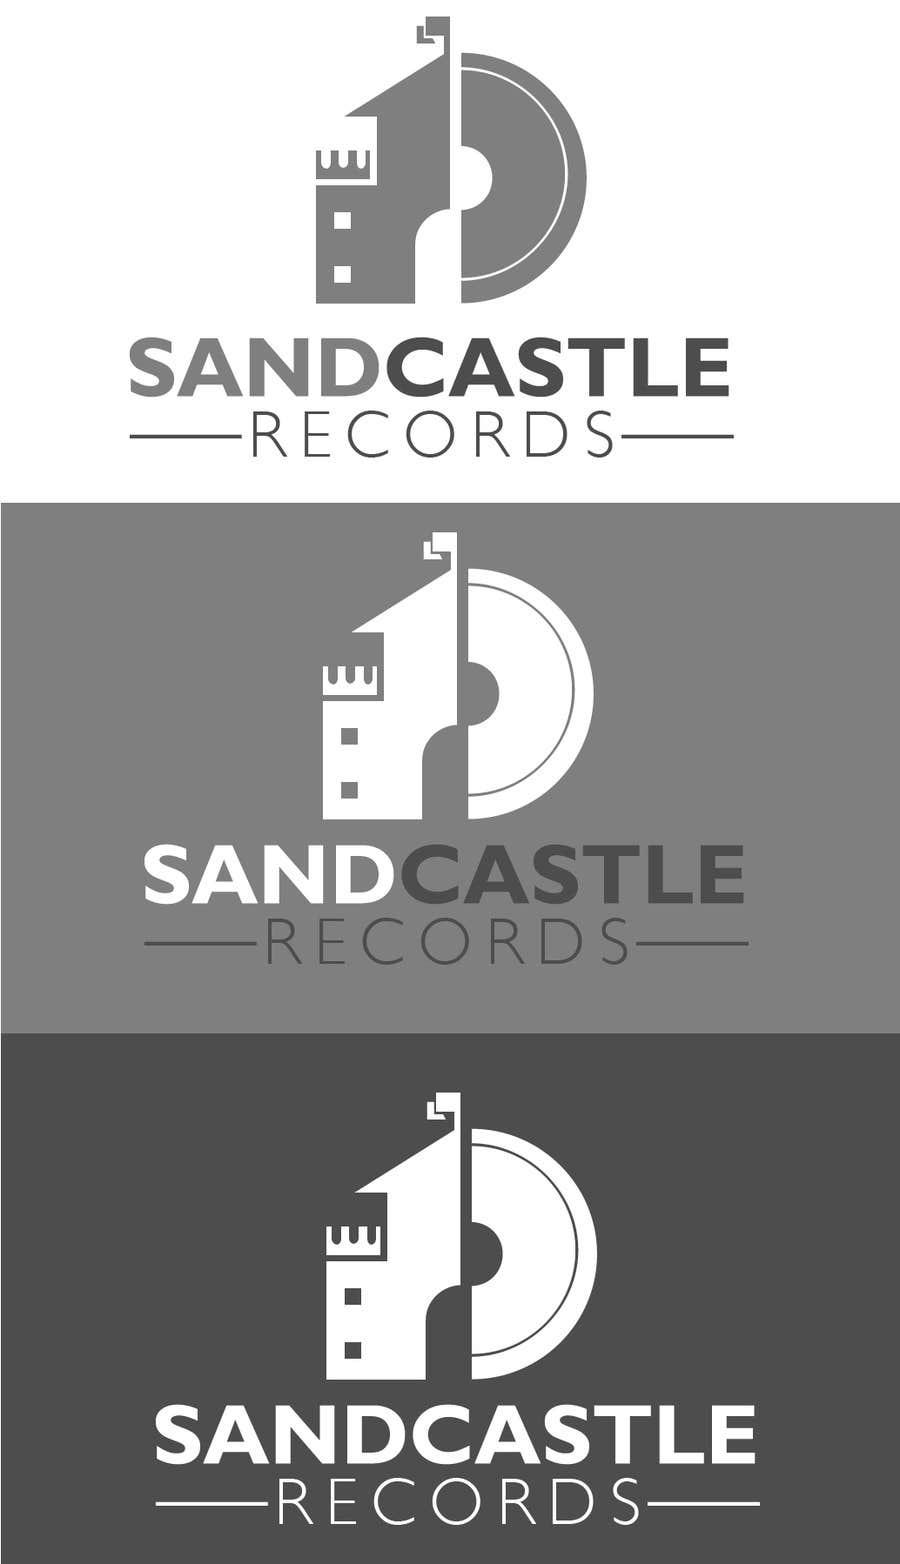 Inscrição nº                                         34                                      do Concurso para                                         Sandcastle Records